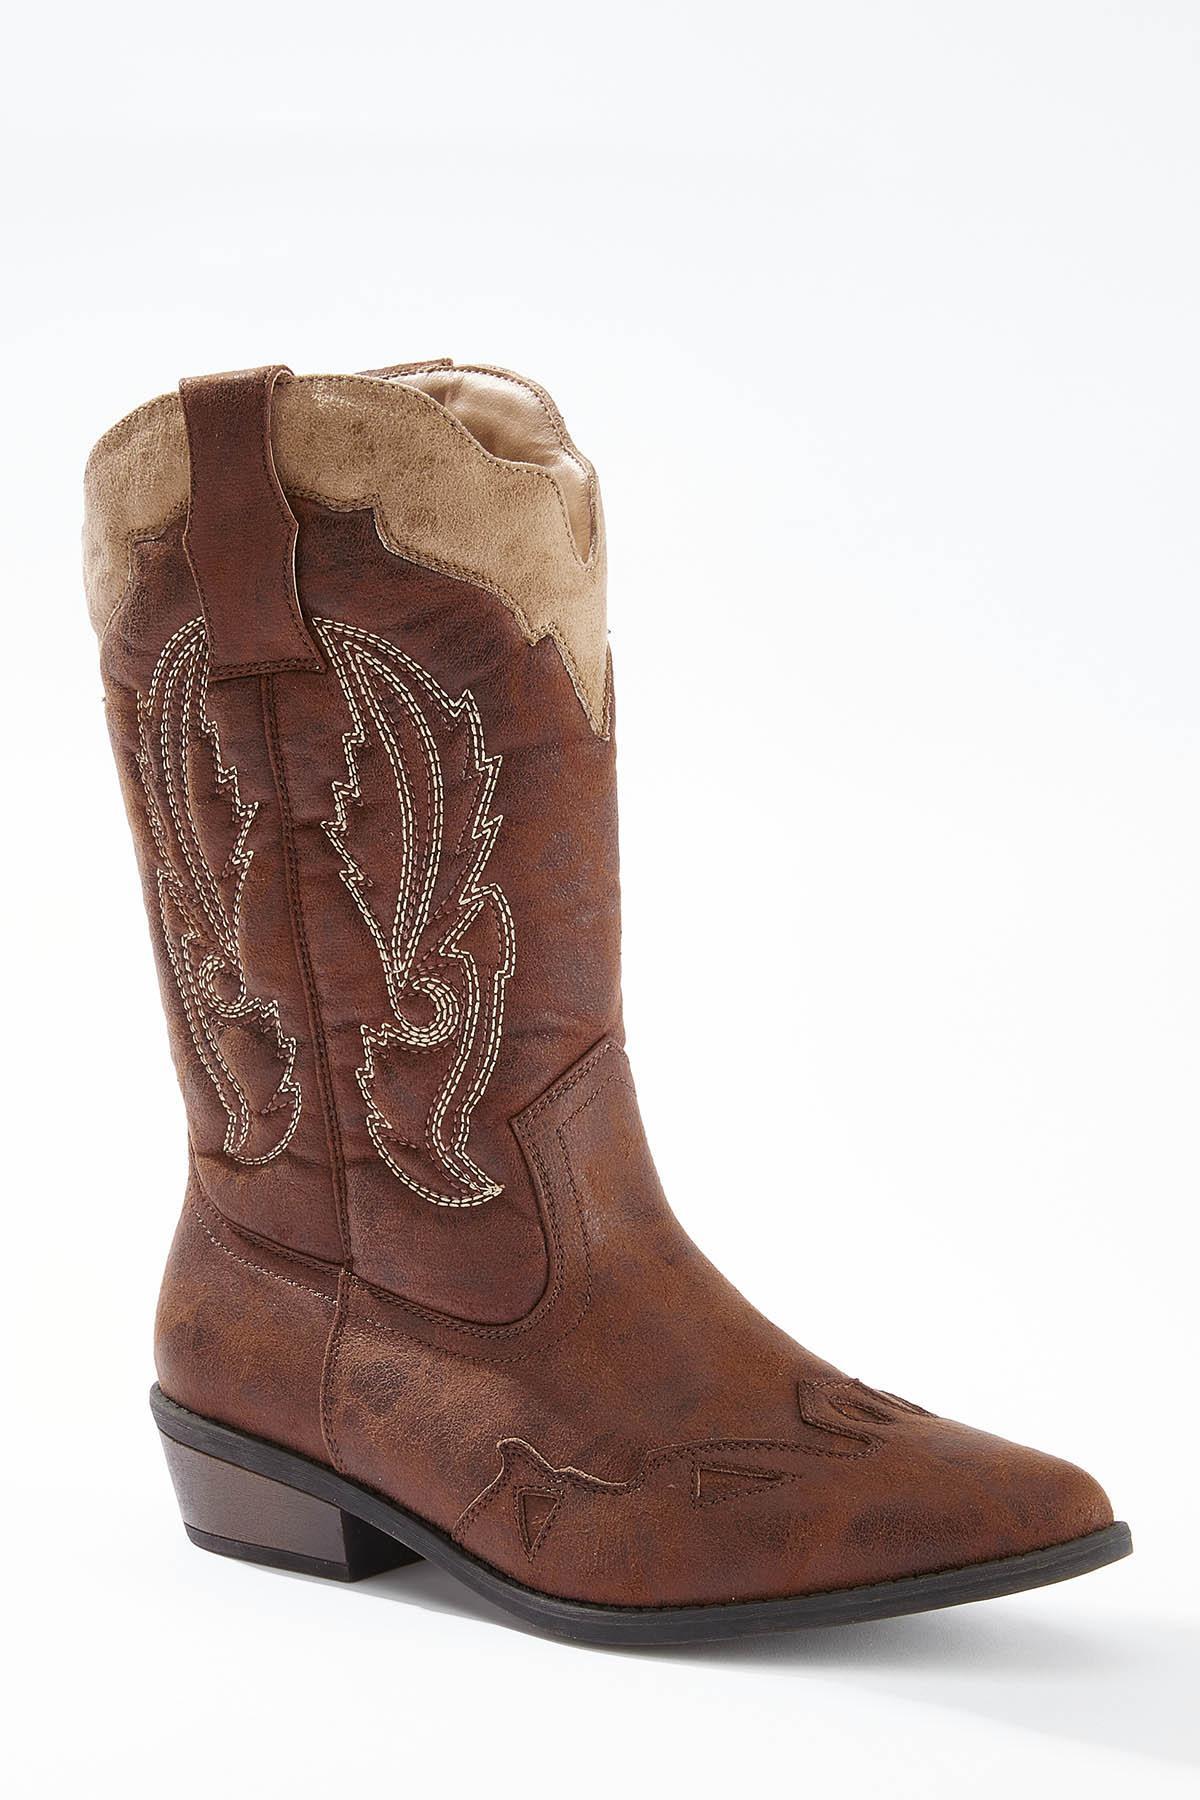 Wide Width Western Boots